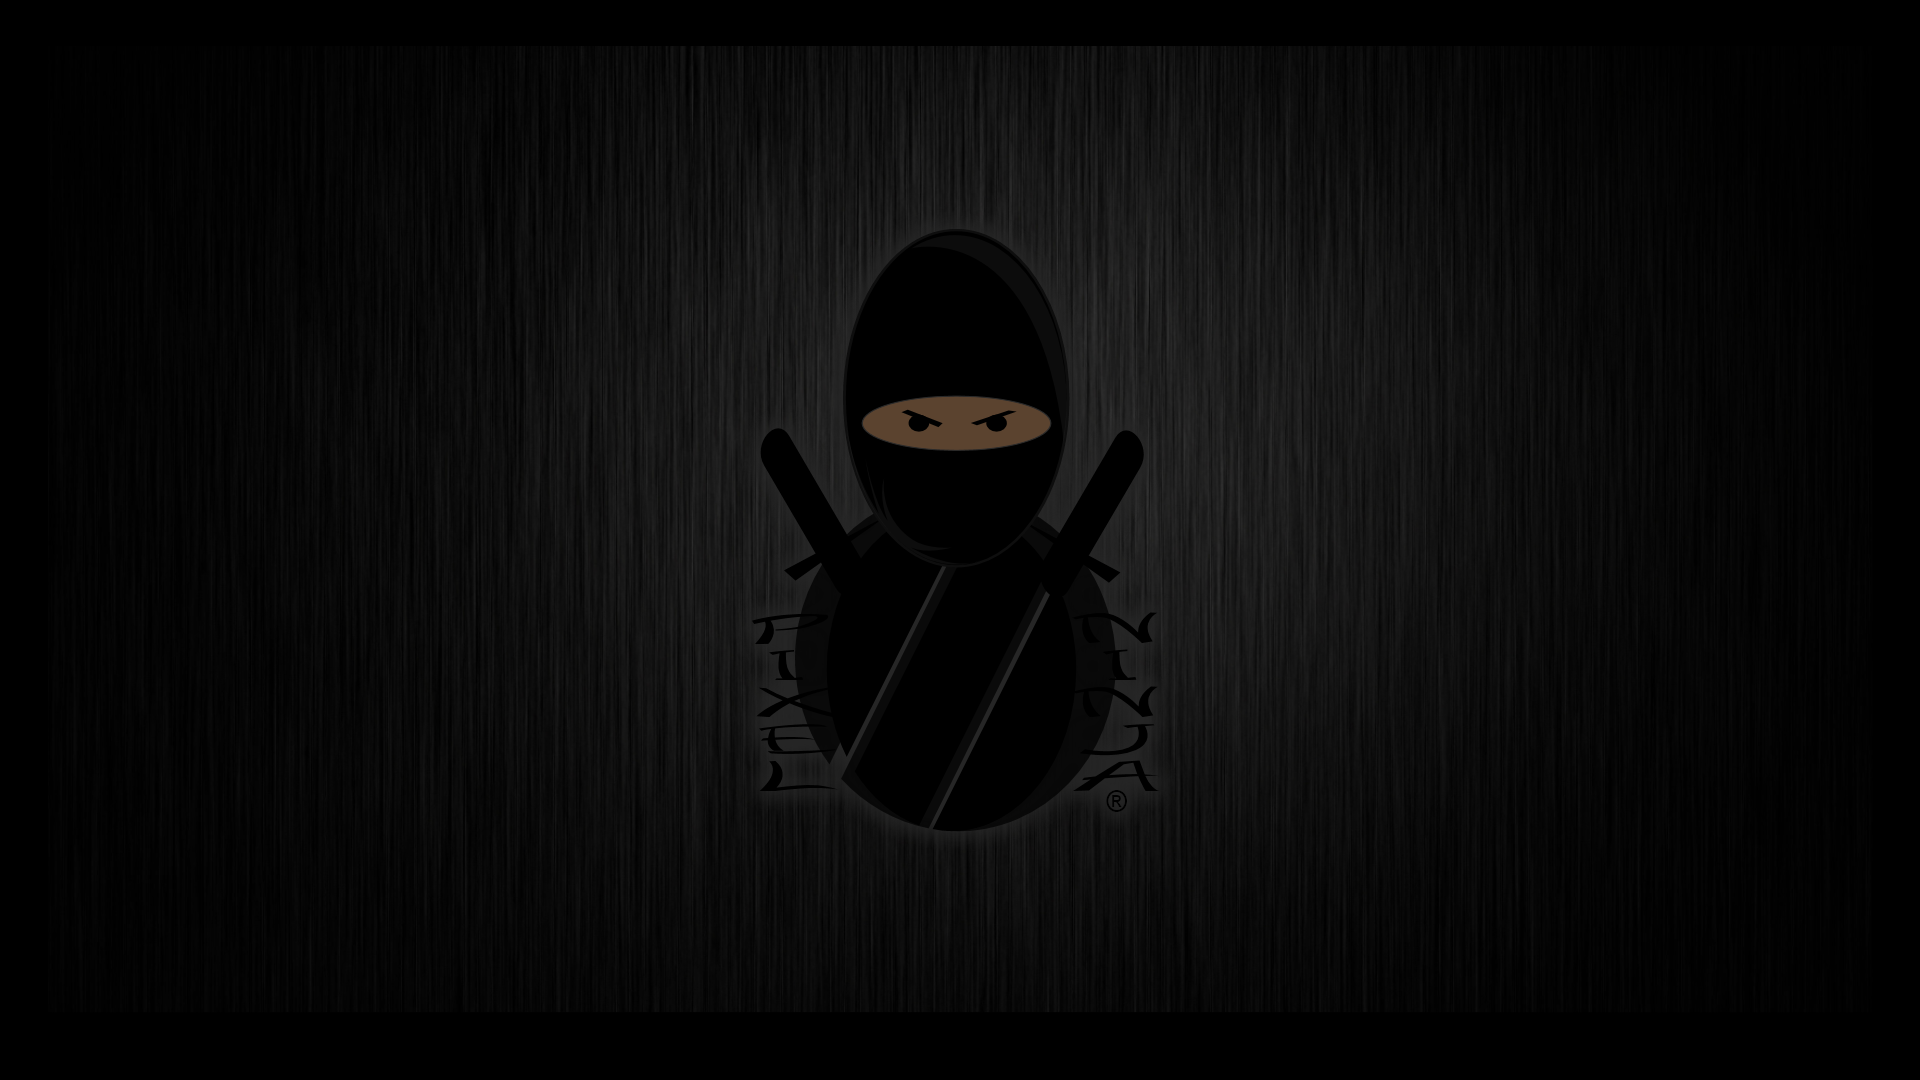 Ninja-desktop-wallpapers